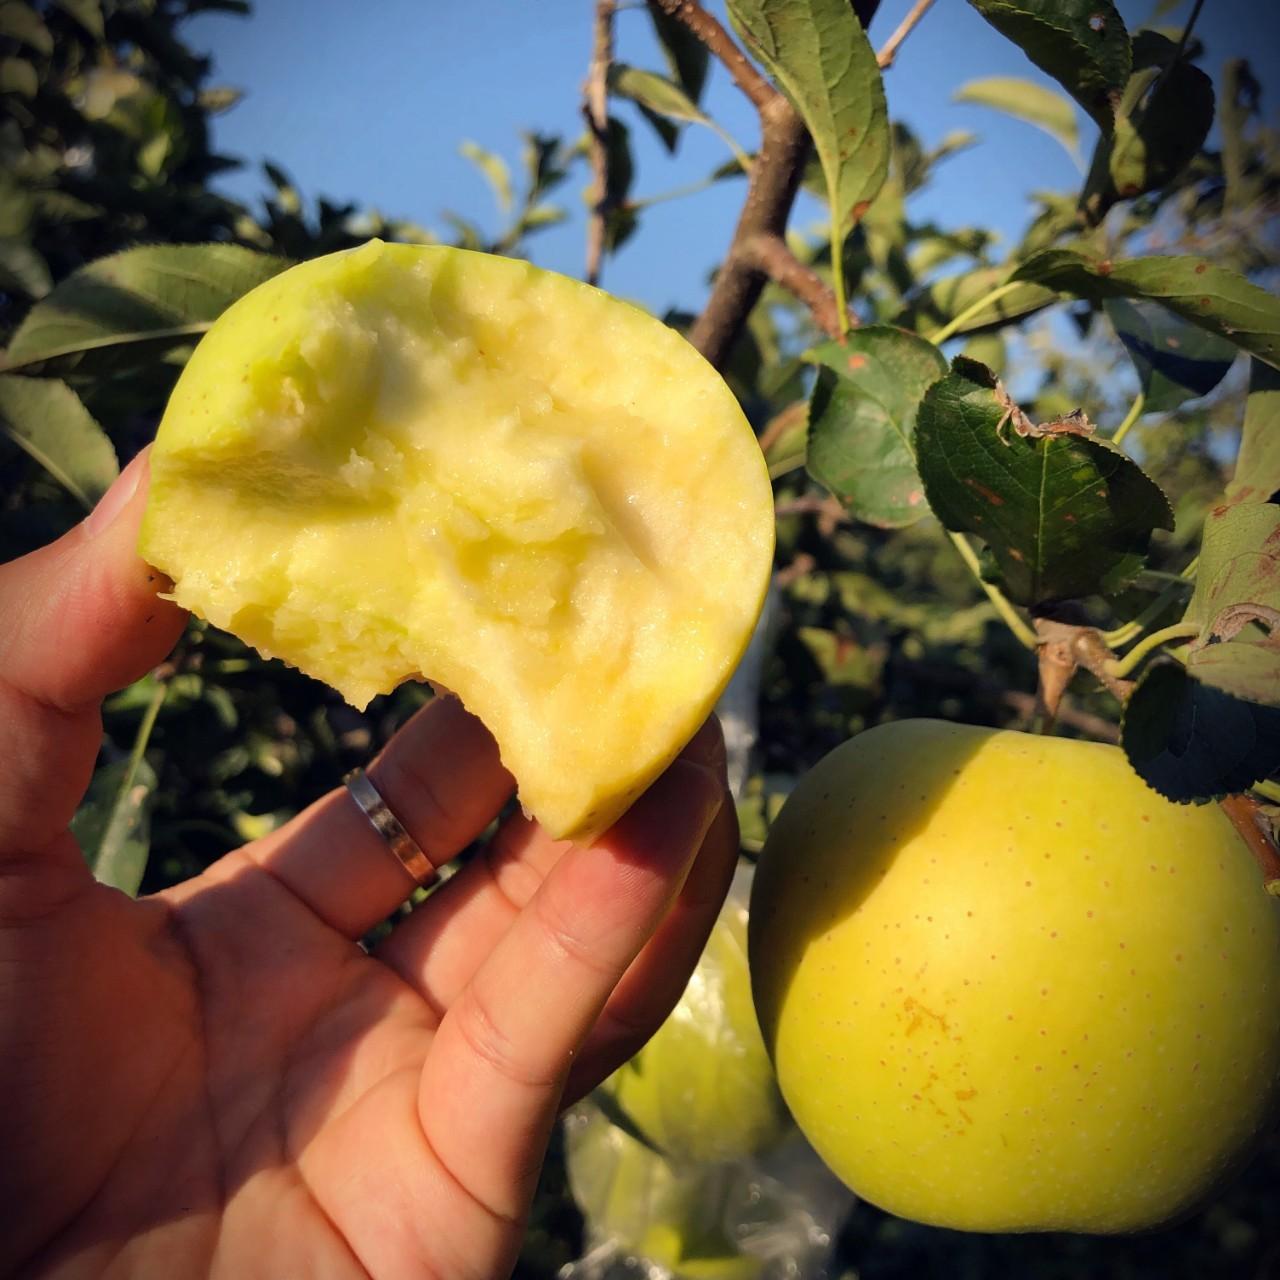 5年好评!万人追捧的传统黄金帅苹果!颗颗香浓多汁!